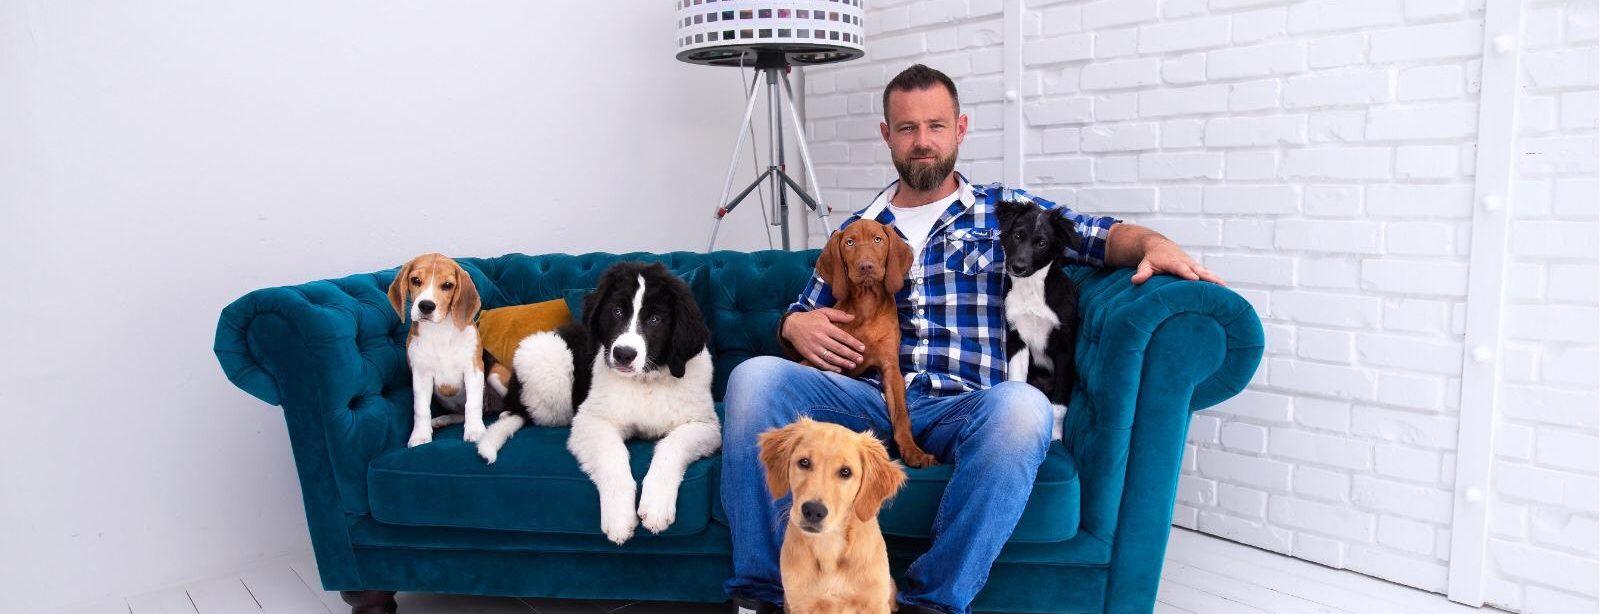 Die größten Fehler in der Hundeerziehung